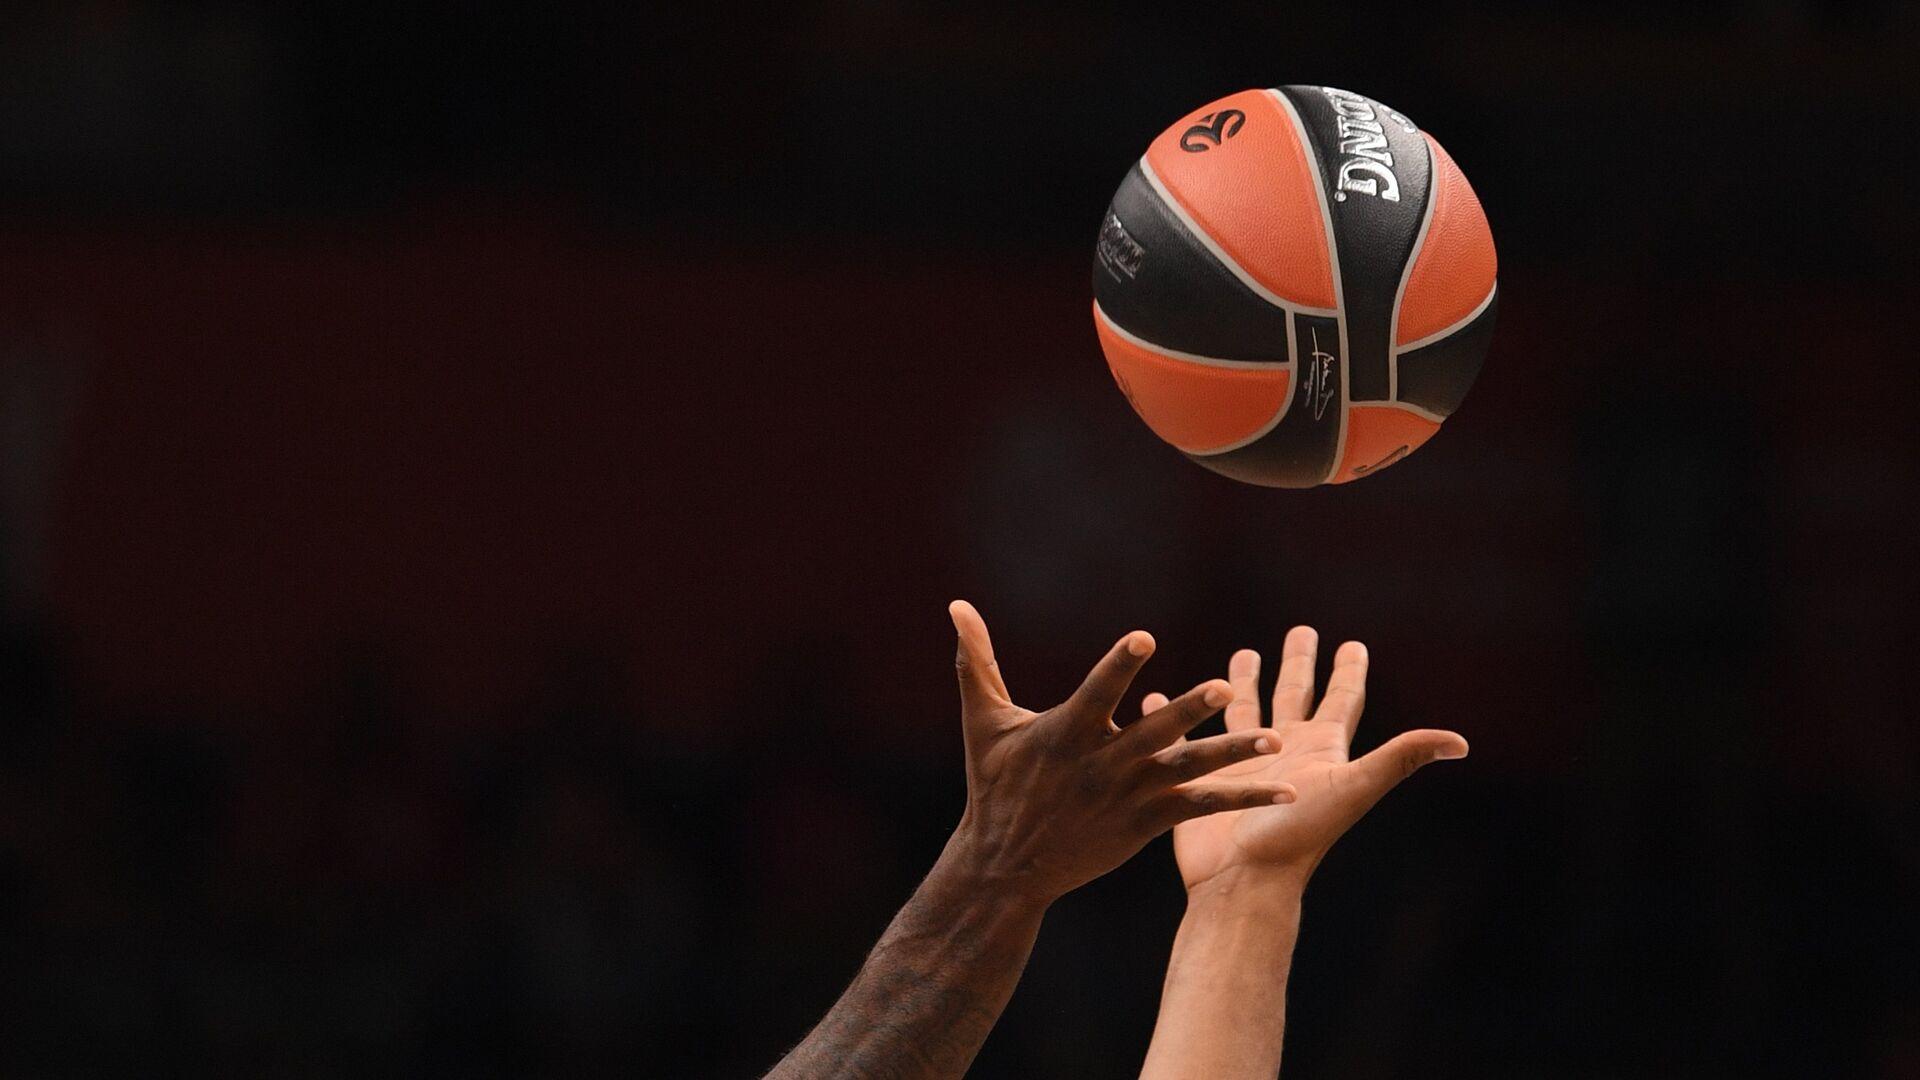 Баскетбольный мяч - РИА Новости, 1920, 03.03.2021